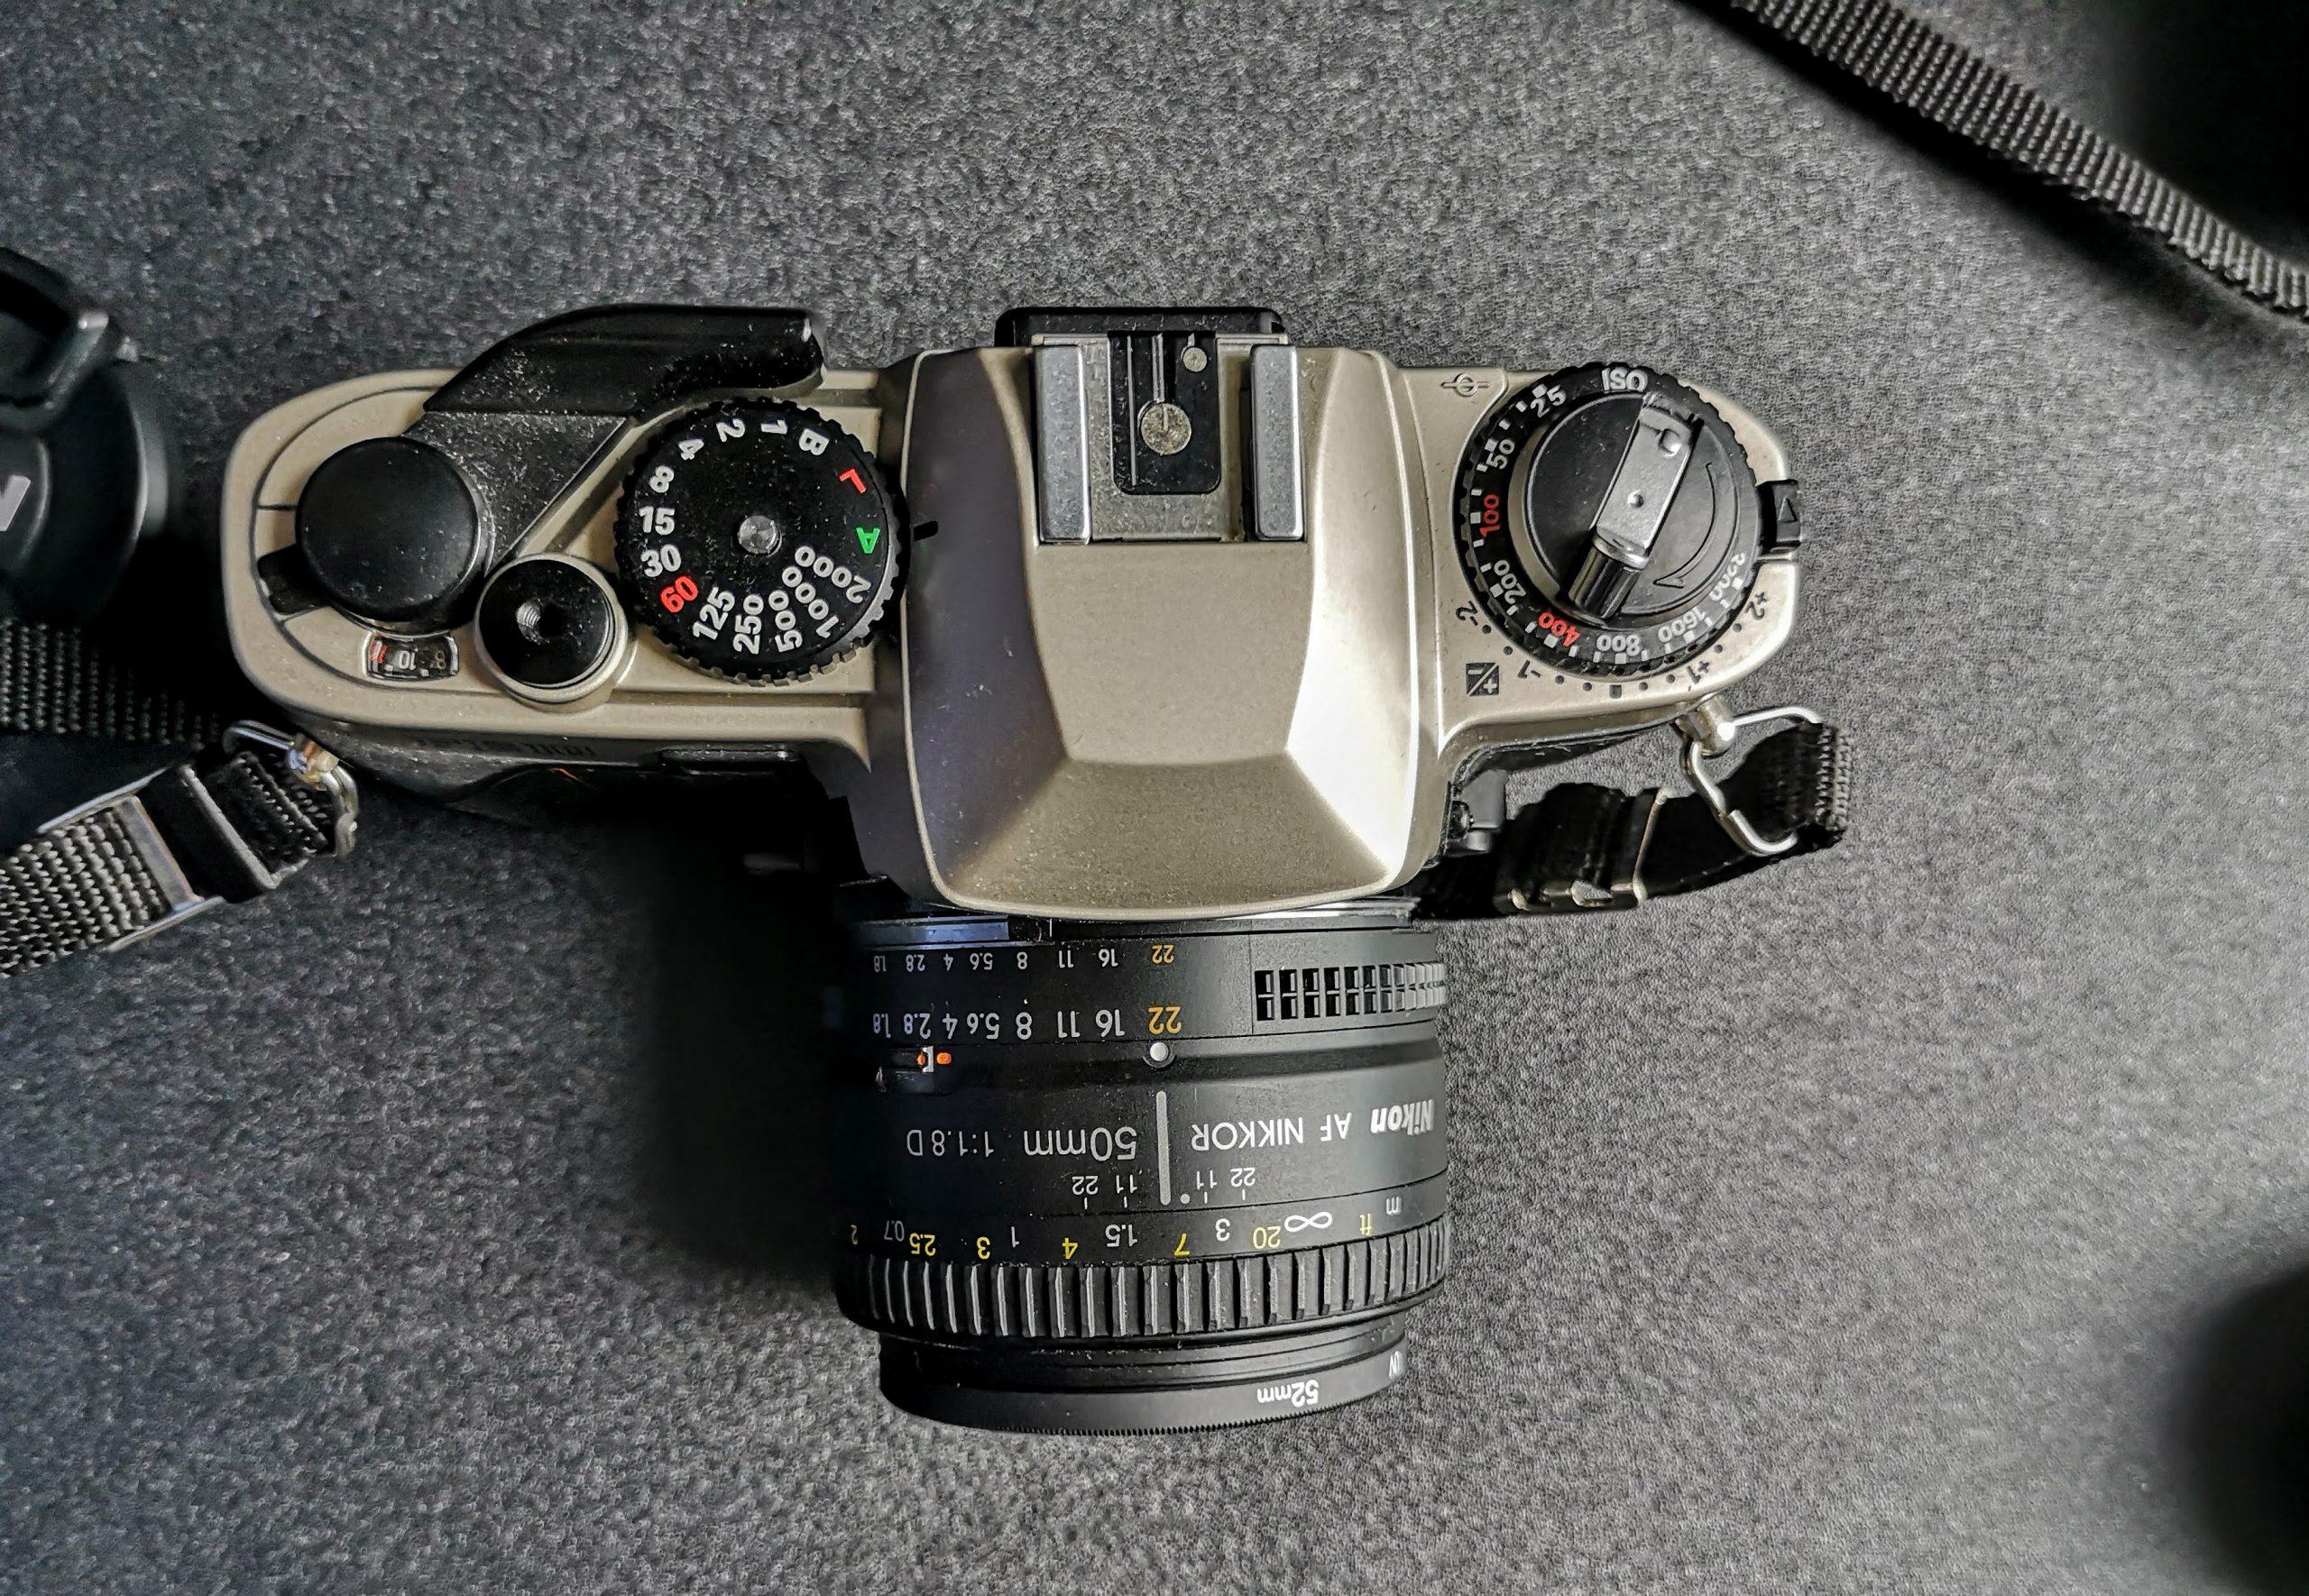 AF Nikkor 50mm 1:1.8D